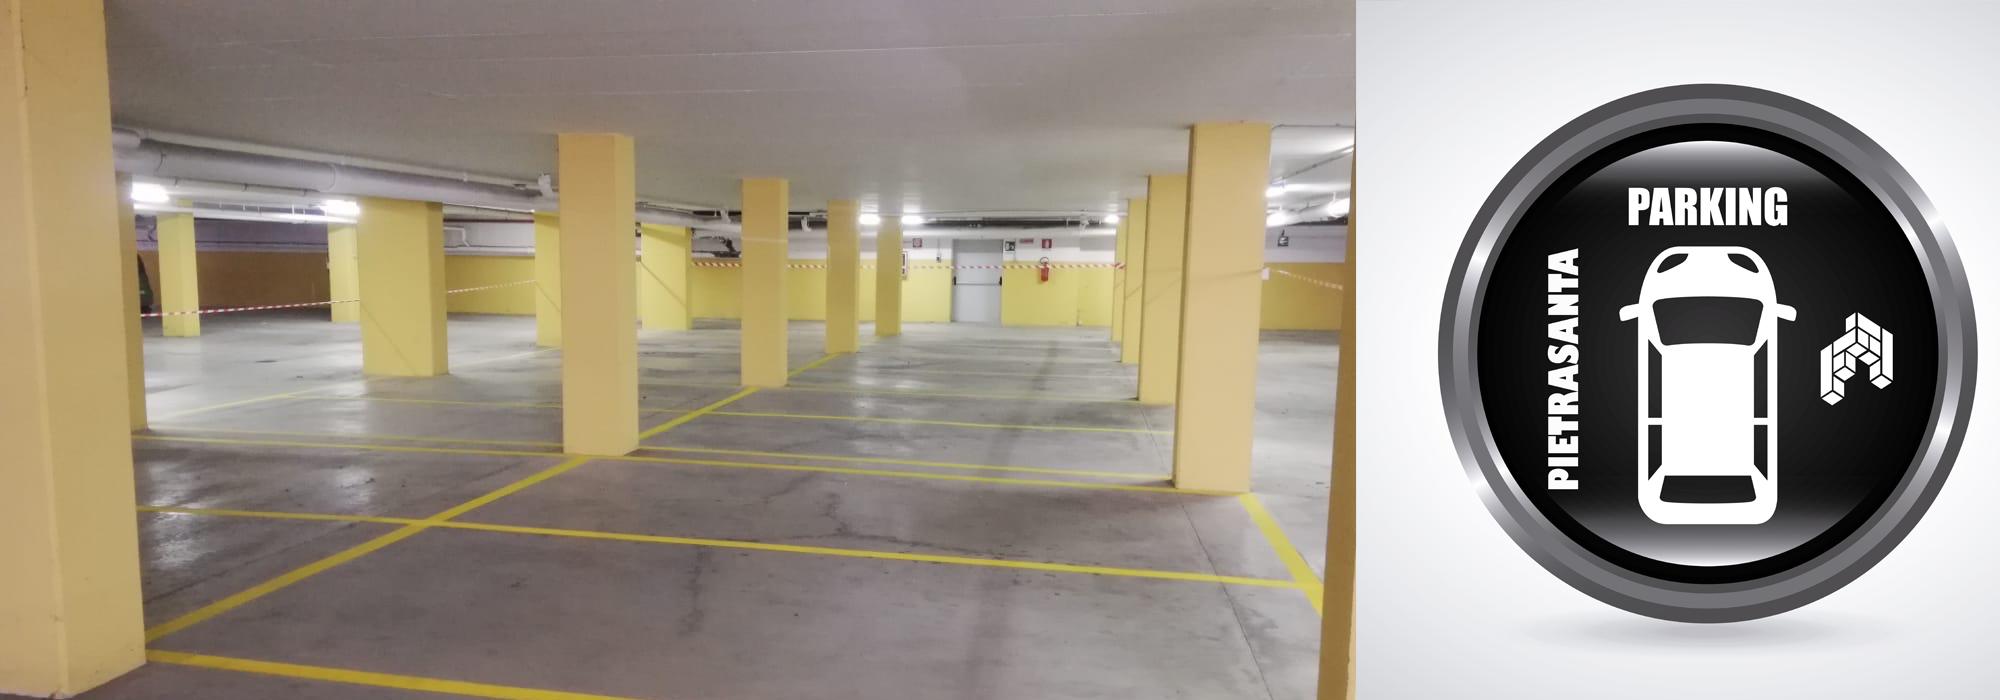 Vendita di posti Auto Coperti a Pietrasanta